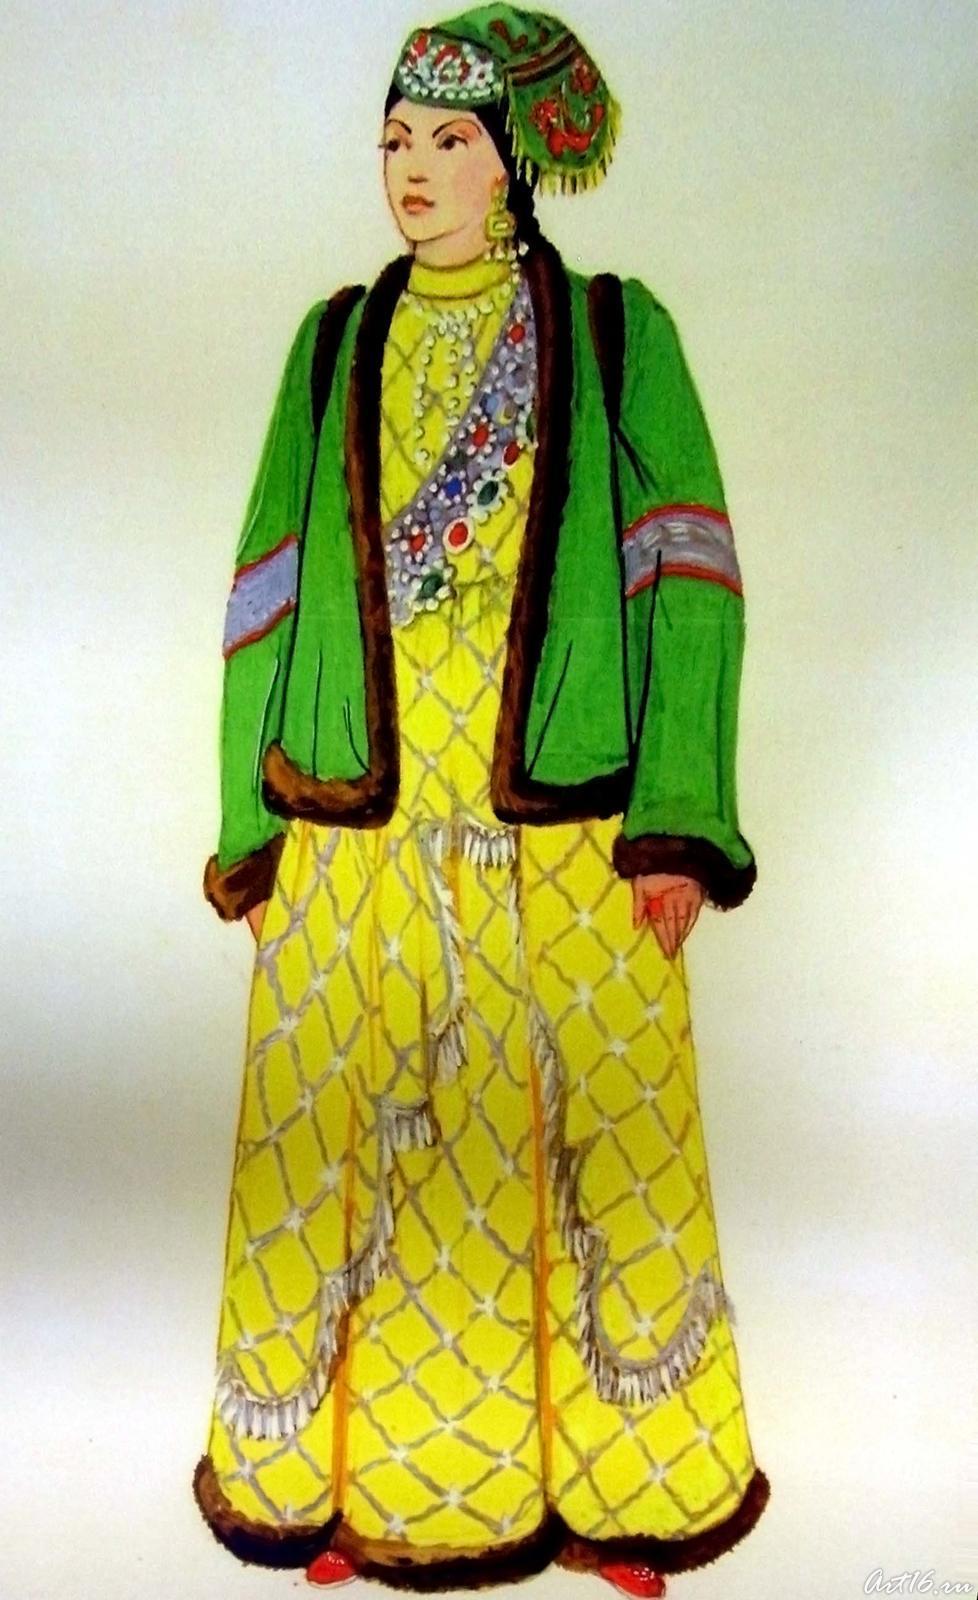 Фото №17591. Эскиз к альбому ''Костюм казанских татар''. 1970-1972